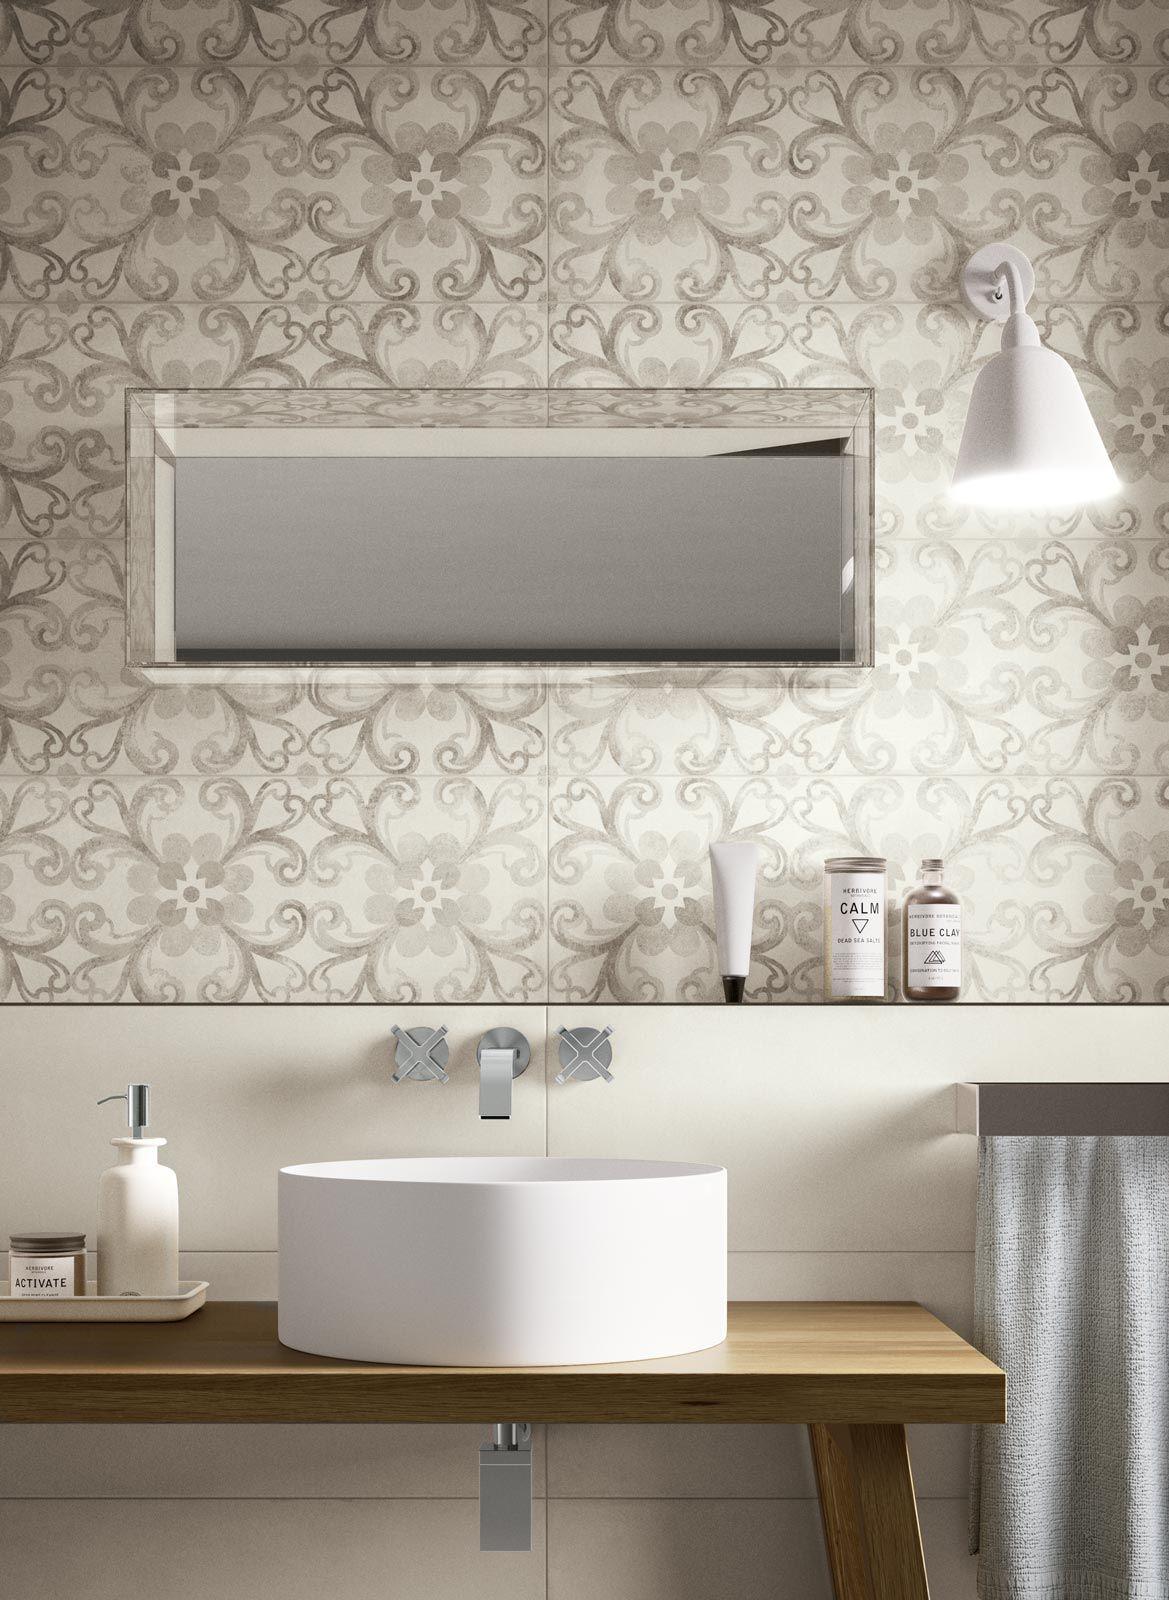 Rewind wall piastrelle in ceramica ragno 6809 bathroom pinterest piastrelle bagno e - Mattonelle bagno ragno ...